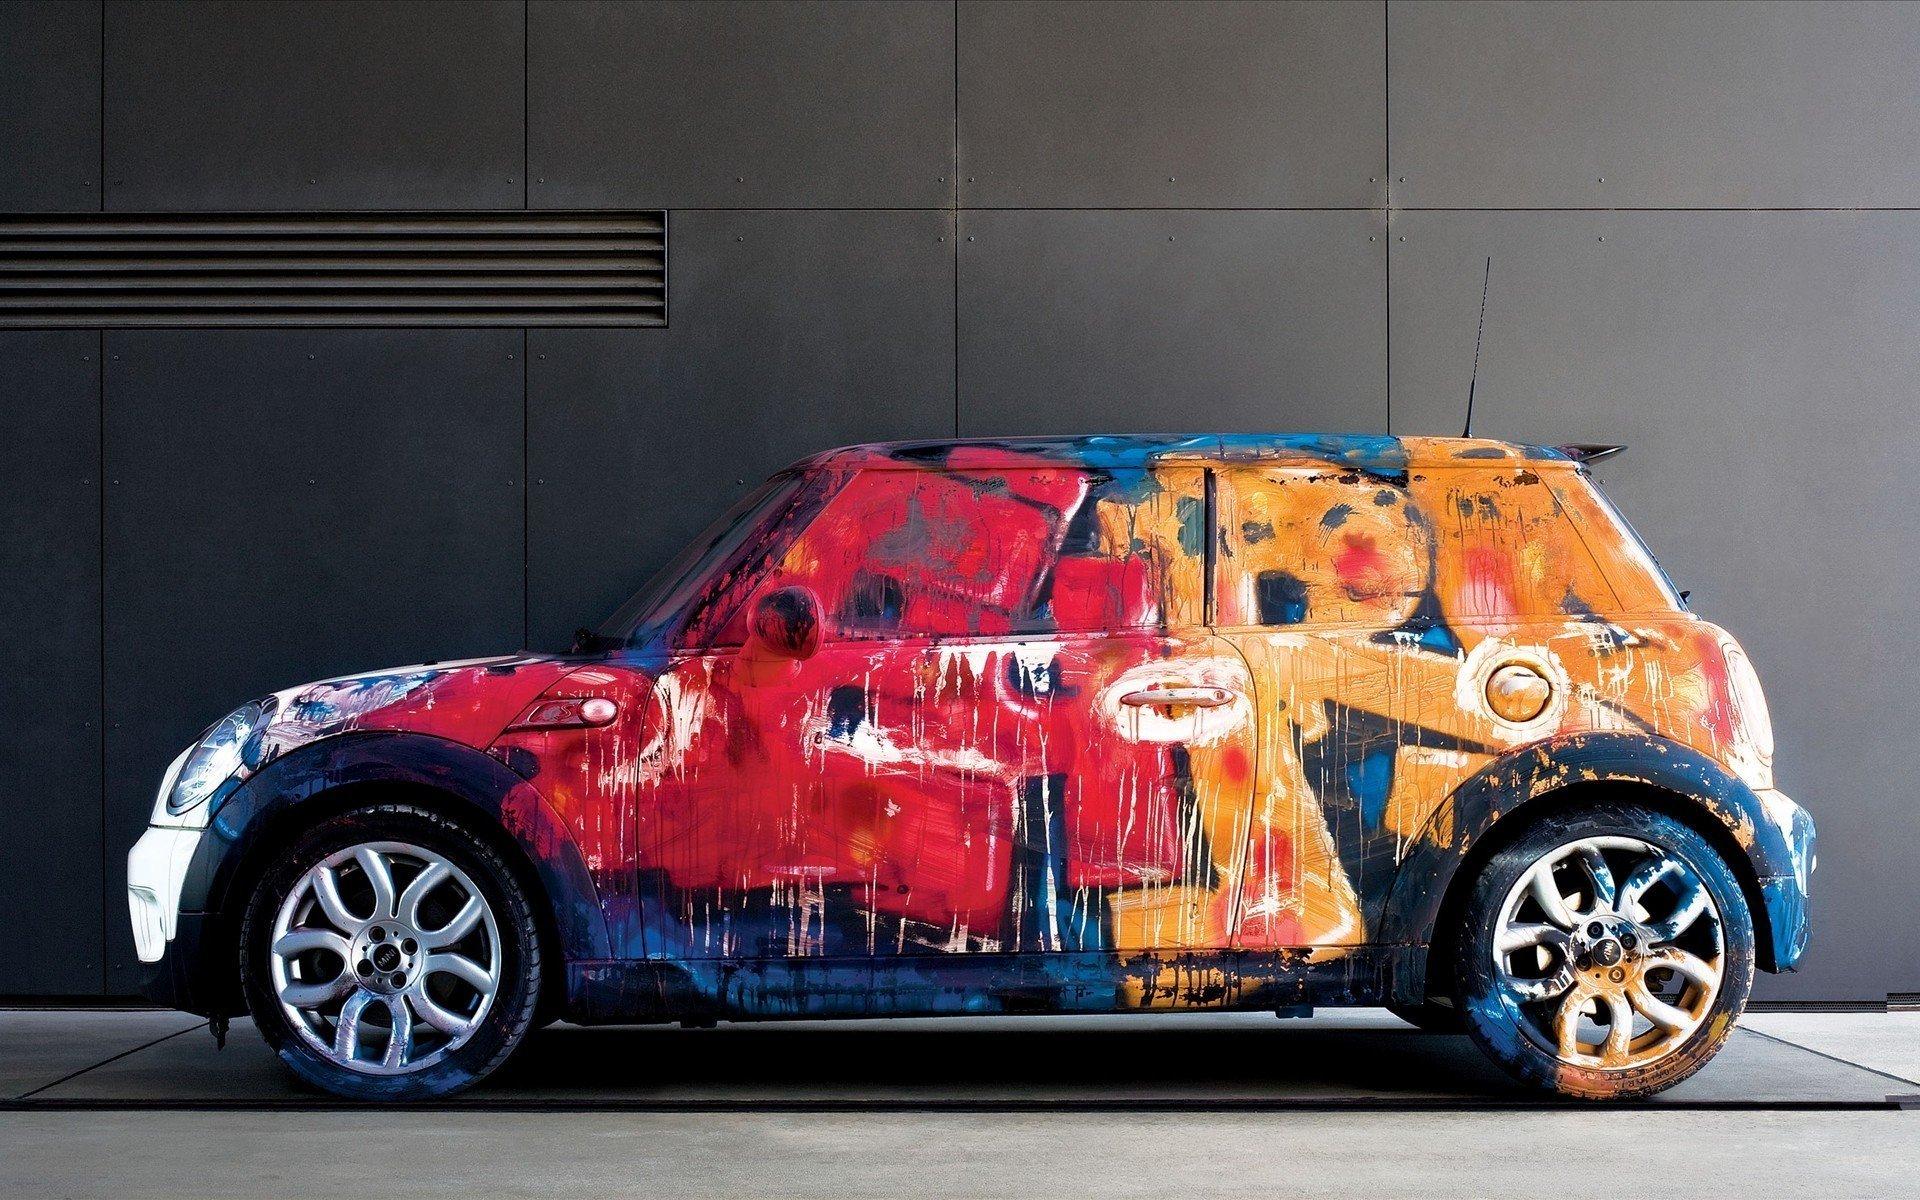 Cu nto cuesta pintar el coche - Empapelar coche para pintar ...